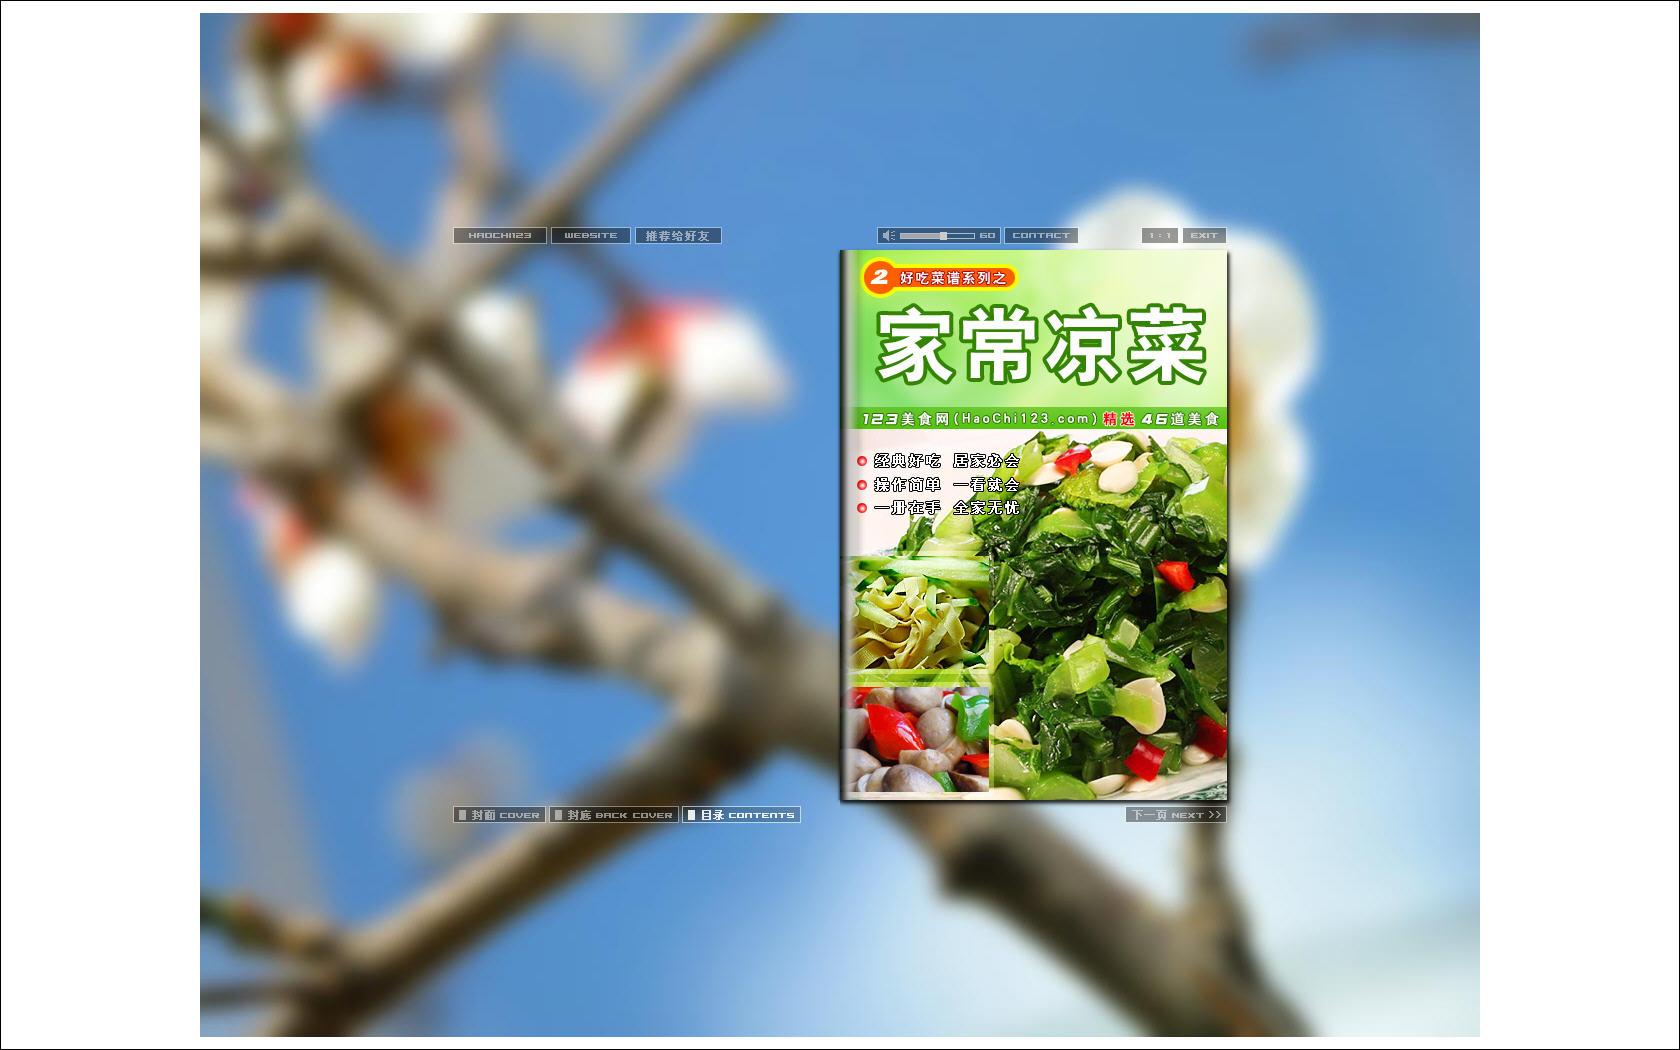 家常凉菜好吃系列电子菜谱 图片预览